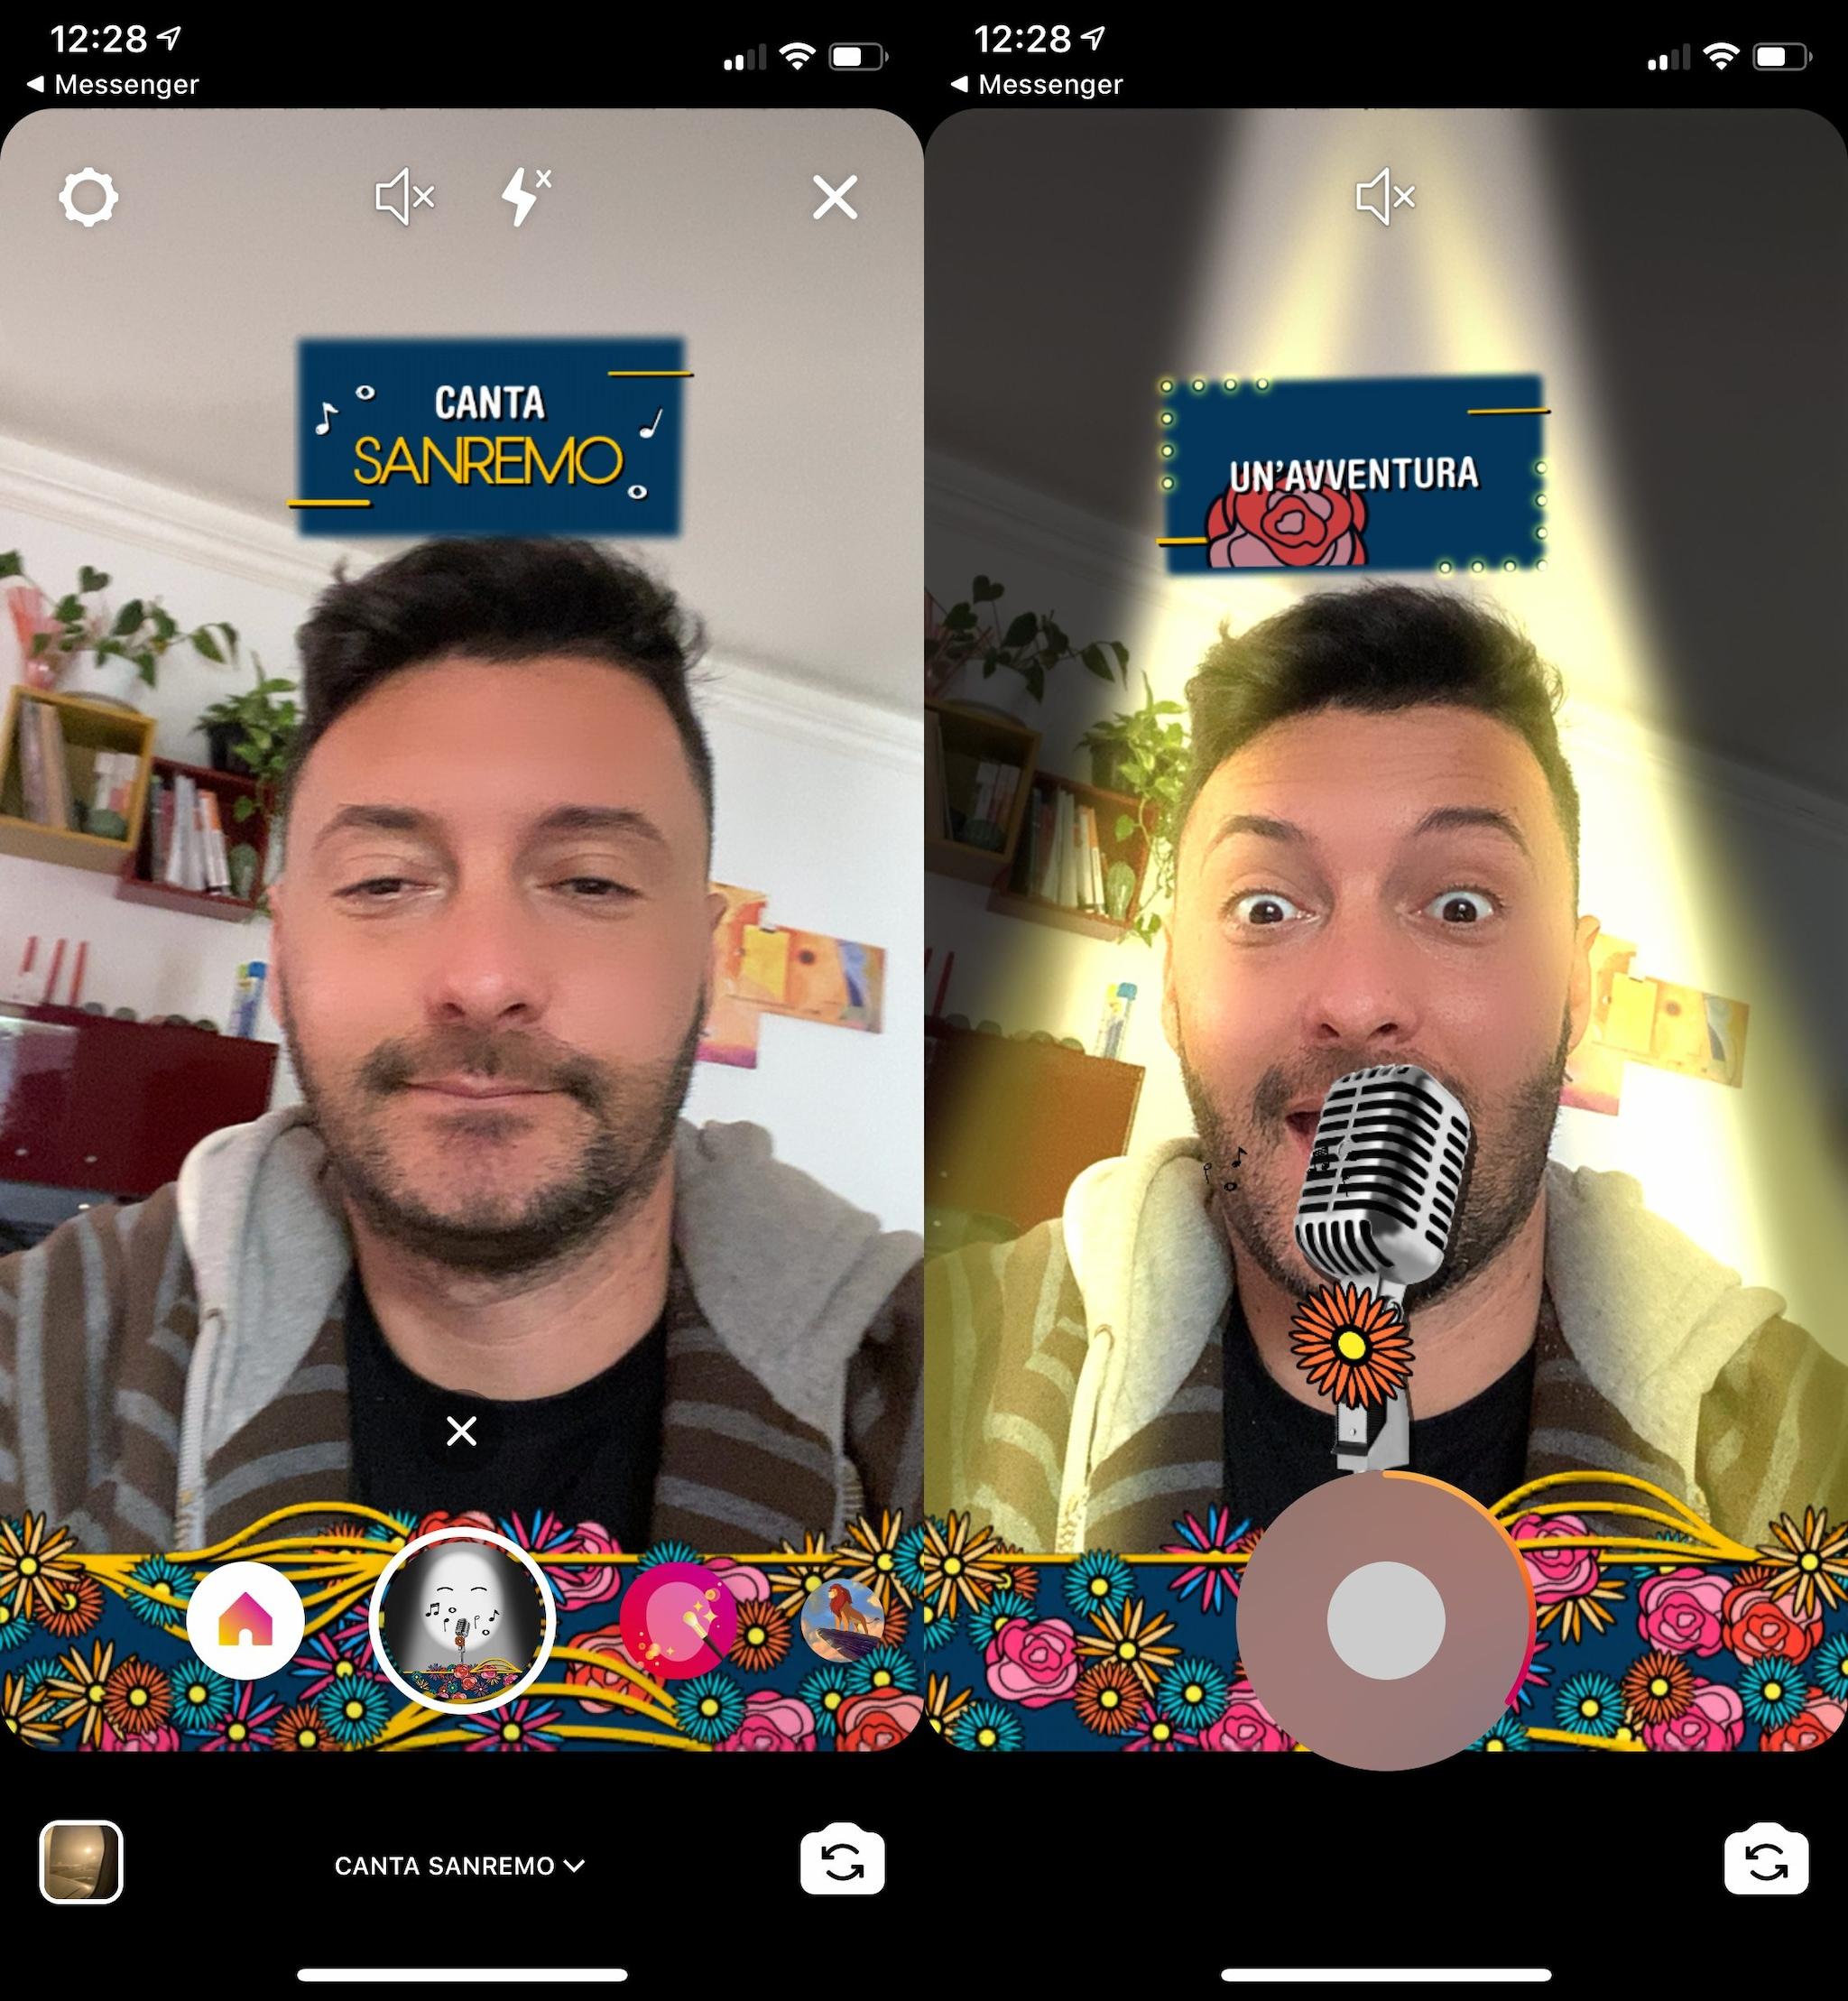 Canta Sanremo filtro instagram